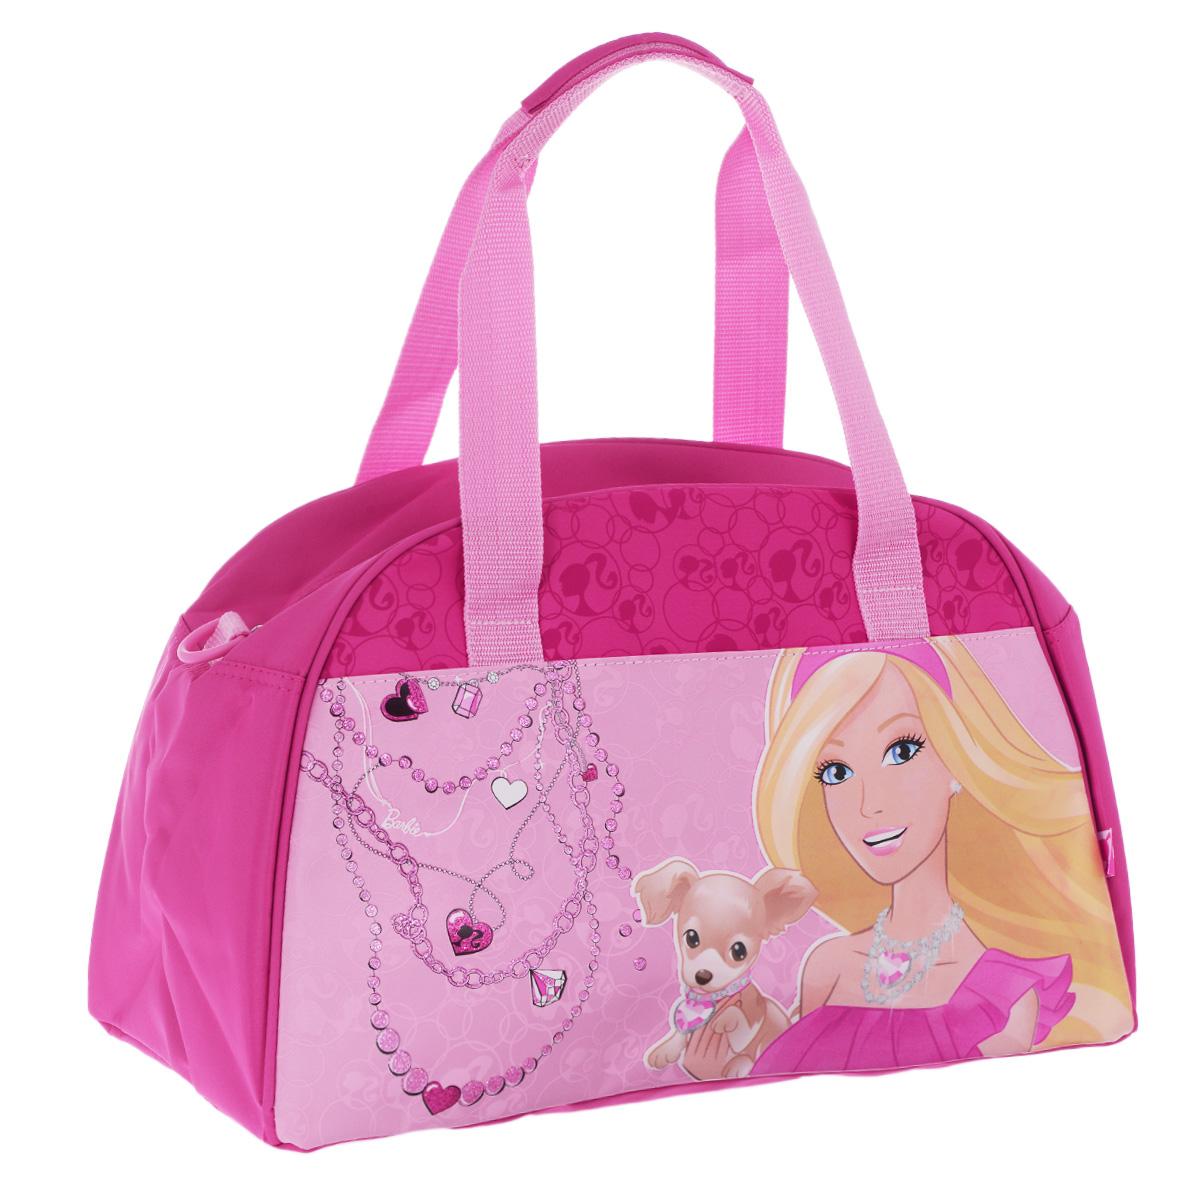 Barbie Сумка спортивная детская цвет розовый35178Детская спортивная сумка Barbie придется по вкусу любой активной девочке, посещающейспортзал или спортивные секции.Сумка изготовлена из высококачественного износостойкого полиэстера и оформлена оригинальным принтом и глянцевым изображением знаменитой красавицы Барби с очаровательным щенком. Сумка состоит из одного вместительного отделения, закрывается на застежку-молнию. Внутри располагается небольшой накладной карман на застежке-молнии. Язычок молнии выполнен в виде розовой туфельки.Сумка имеет удобные ручки для переноски, а также съемный плечевой ремень, регулирующийся по длине. Сумка очень просторная, в ней без труда поместится спортивная форма или сменная одежда.Спортивная сумка - незаменимый аксессуар для юной спортсменки, который сочетает в себе практичность и модный дизайн. Красочная сумка сделает посещение спортивных секций не только приятным, но и модным занятием. Порадуйте свою малышку таким замечательным подарком!